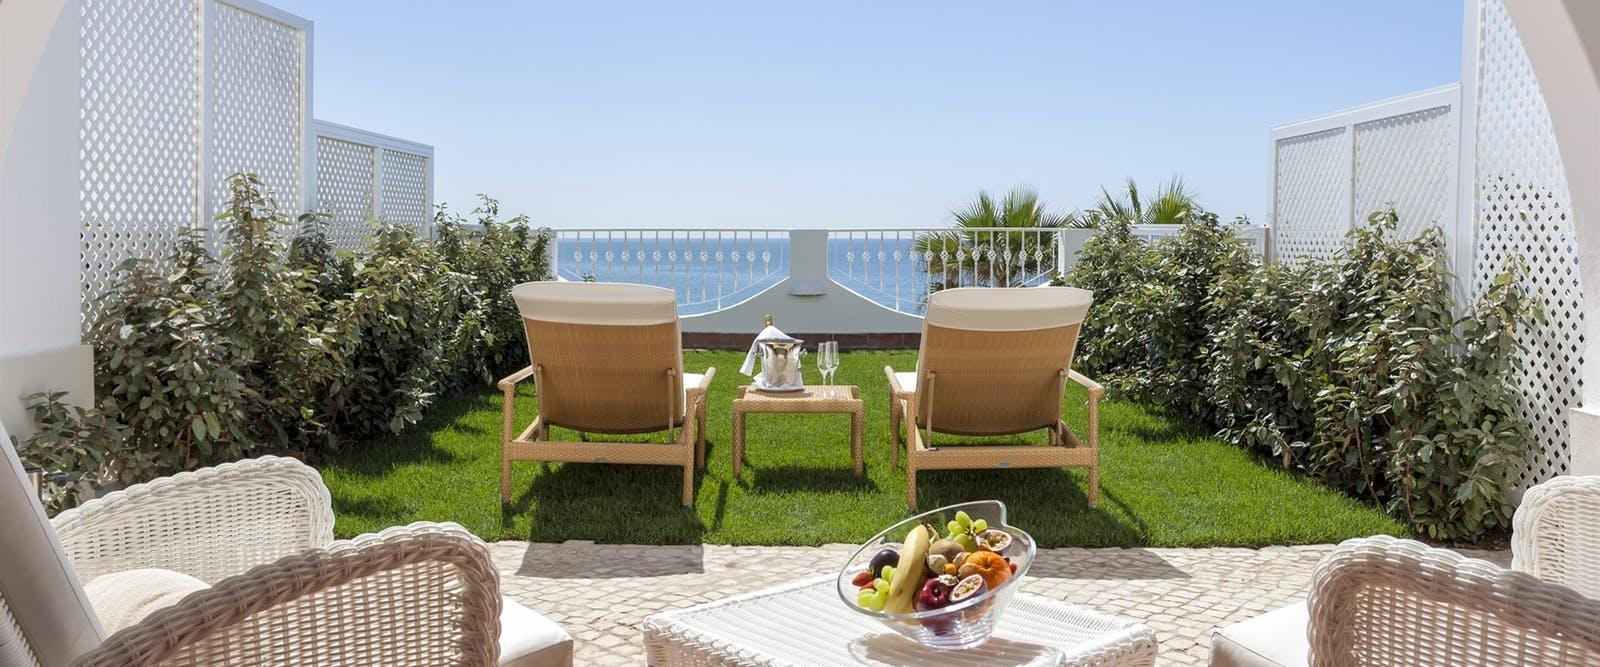 deluxe_ocean_view_terrace